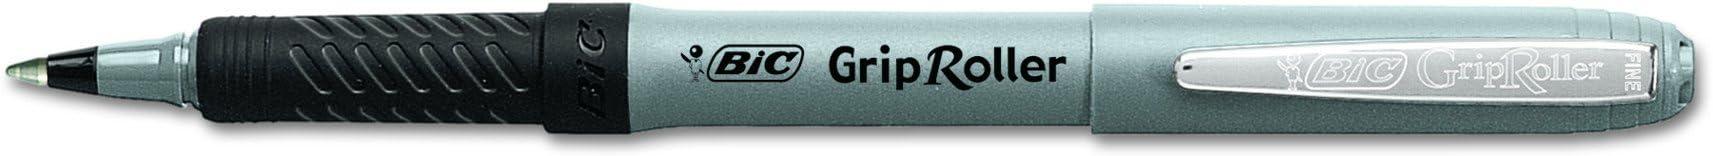 BIC Grip Roller Fino Cajilla 12 piezas negro